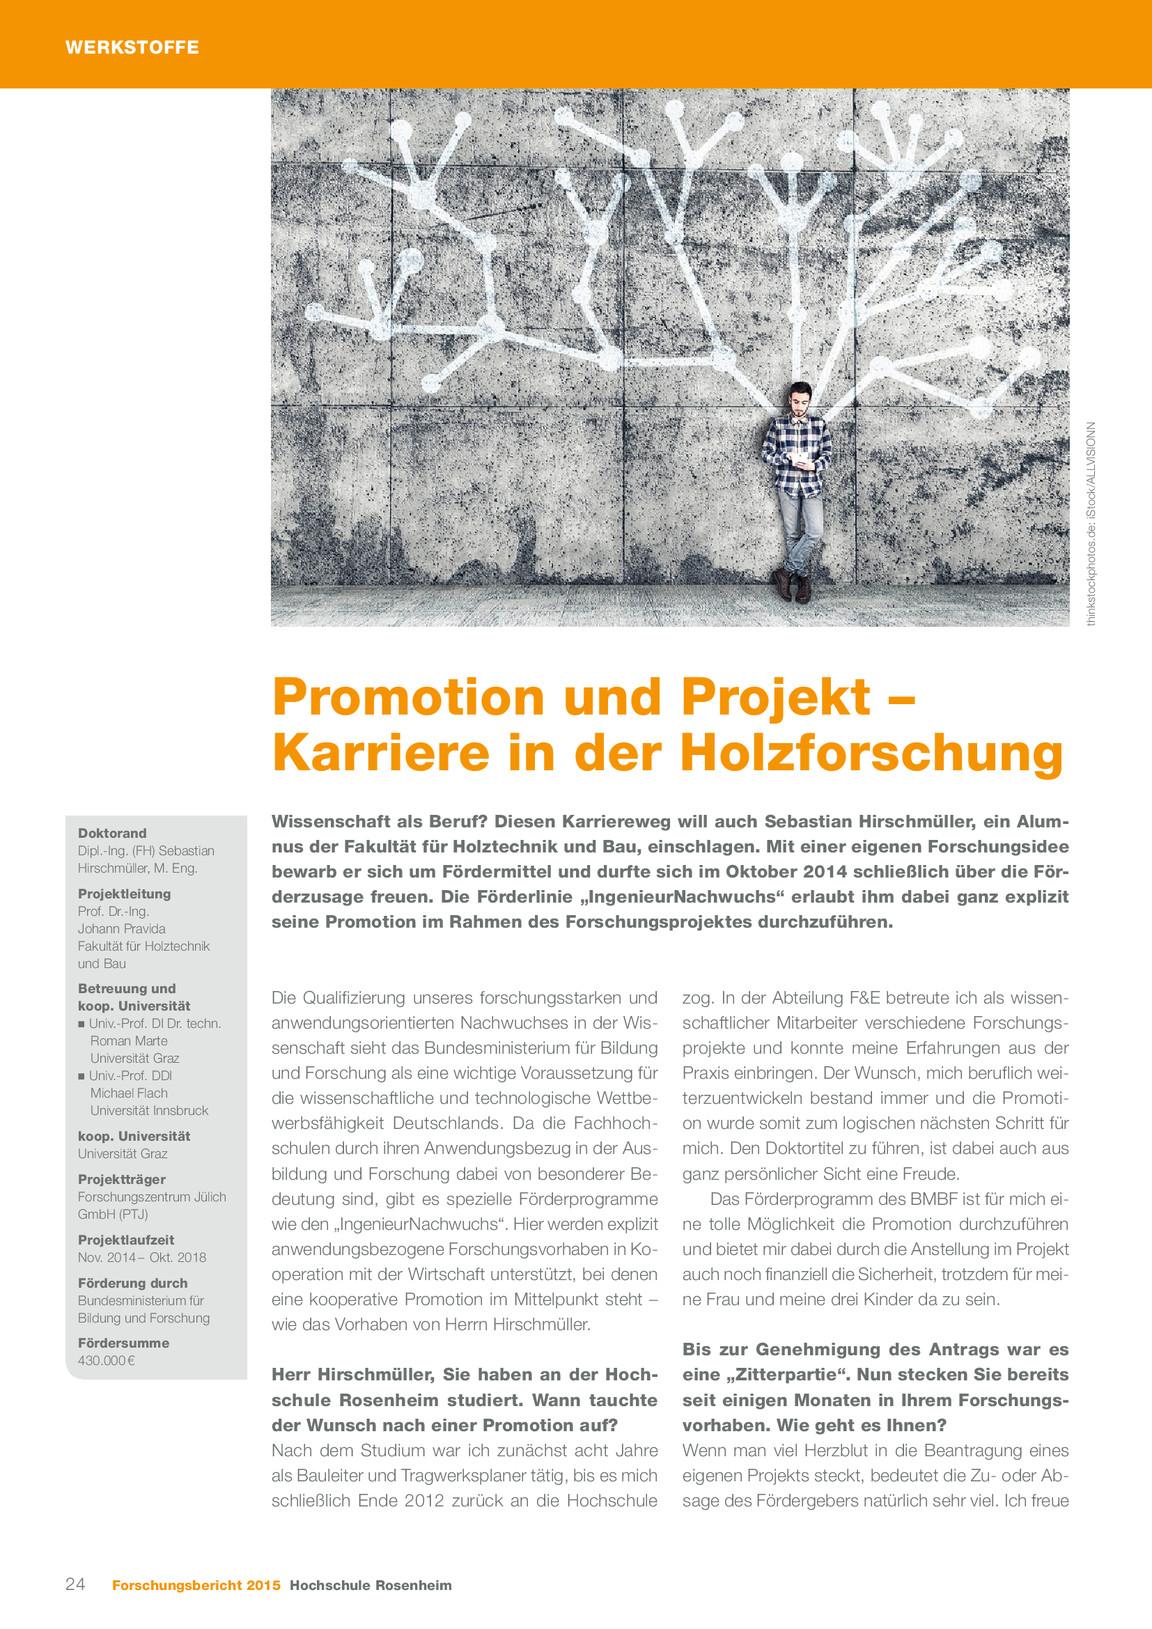 Forschungsbericht 2015